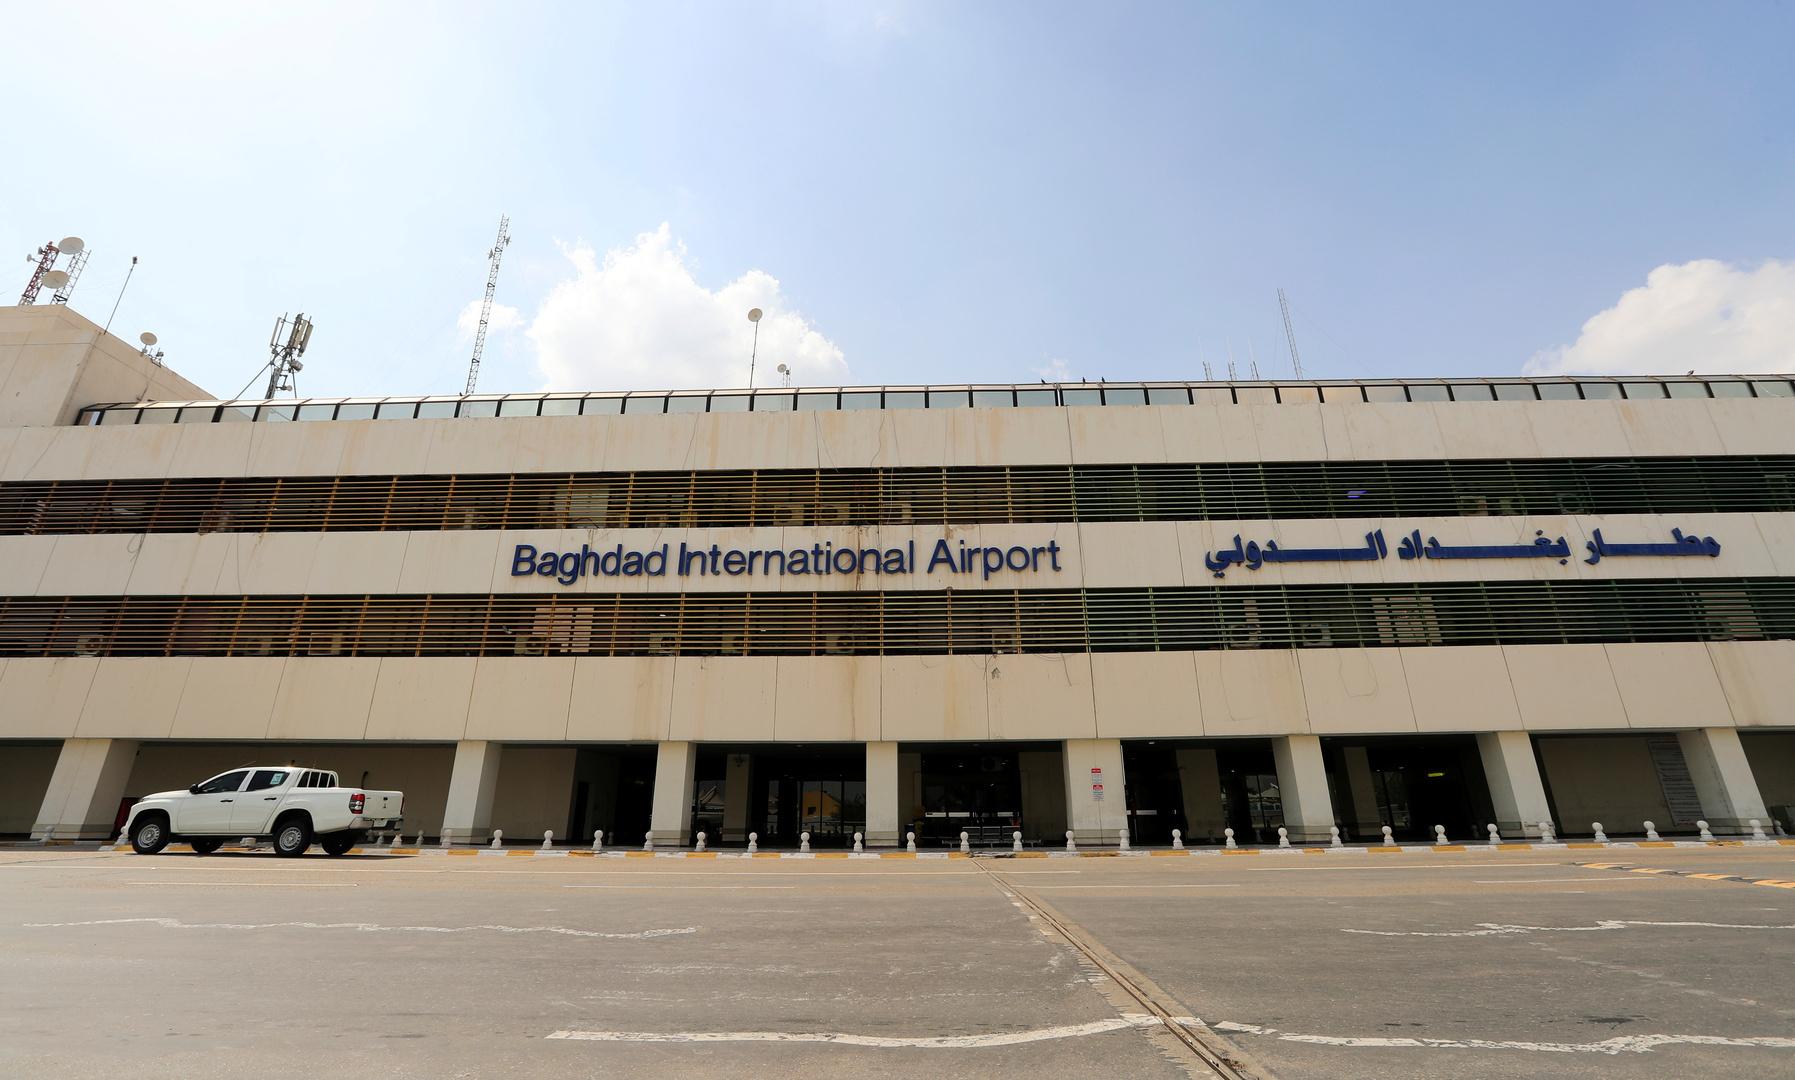 مصدر عراقي ينفي لـRT استهداف مطار بغداد الدولي بطائرة مسيرة